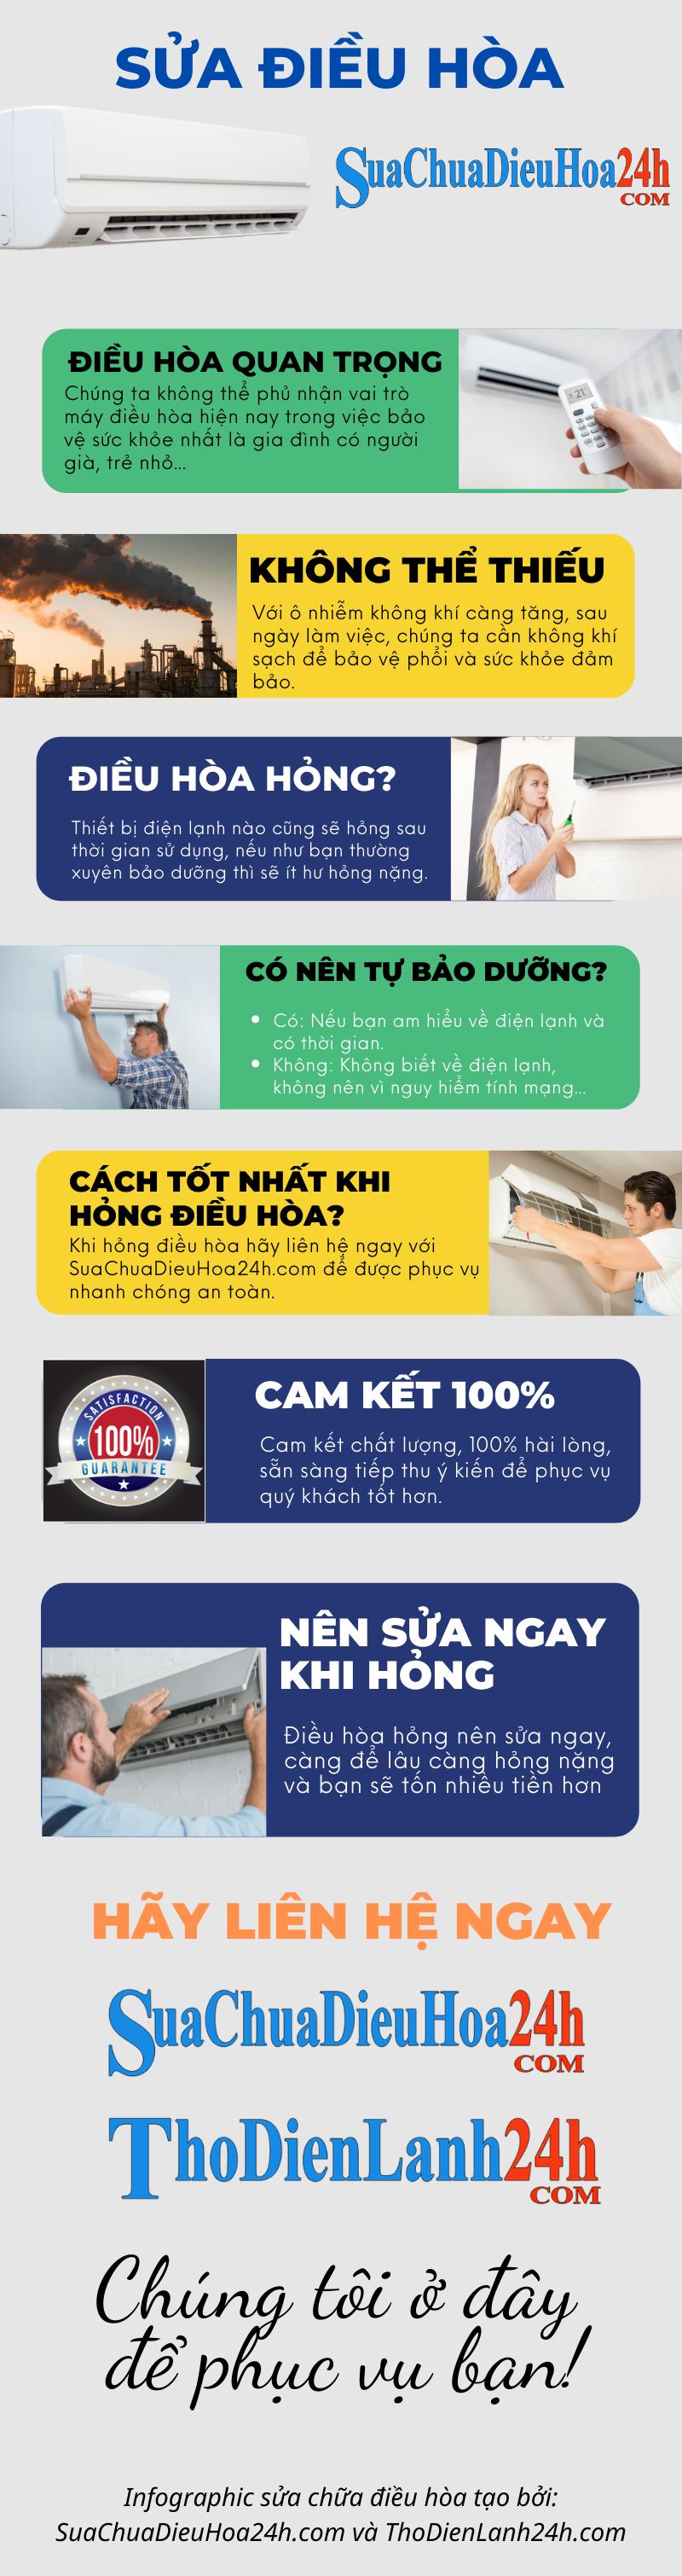 Sửa Chữa Điều Hòa tại Cầu Giấy infographic